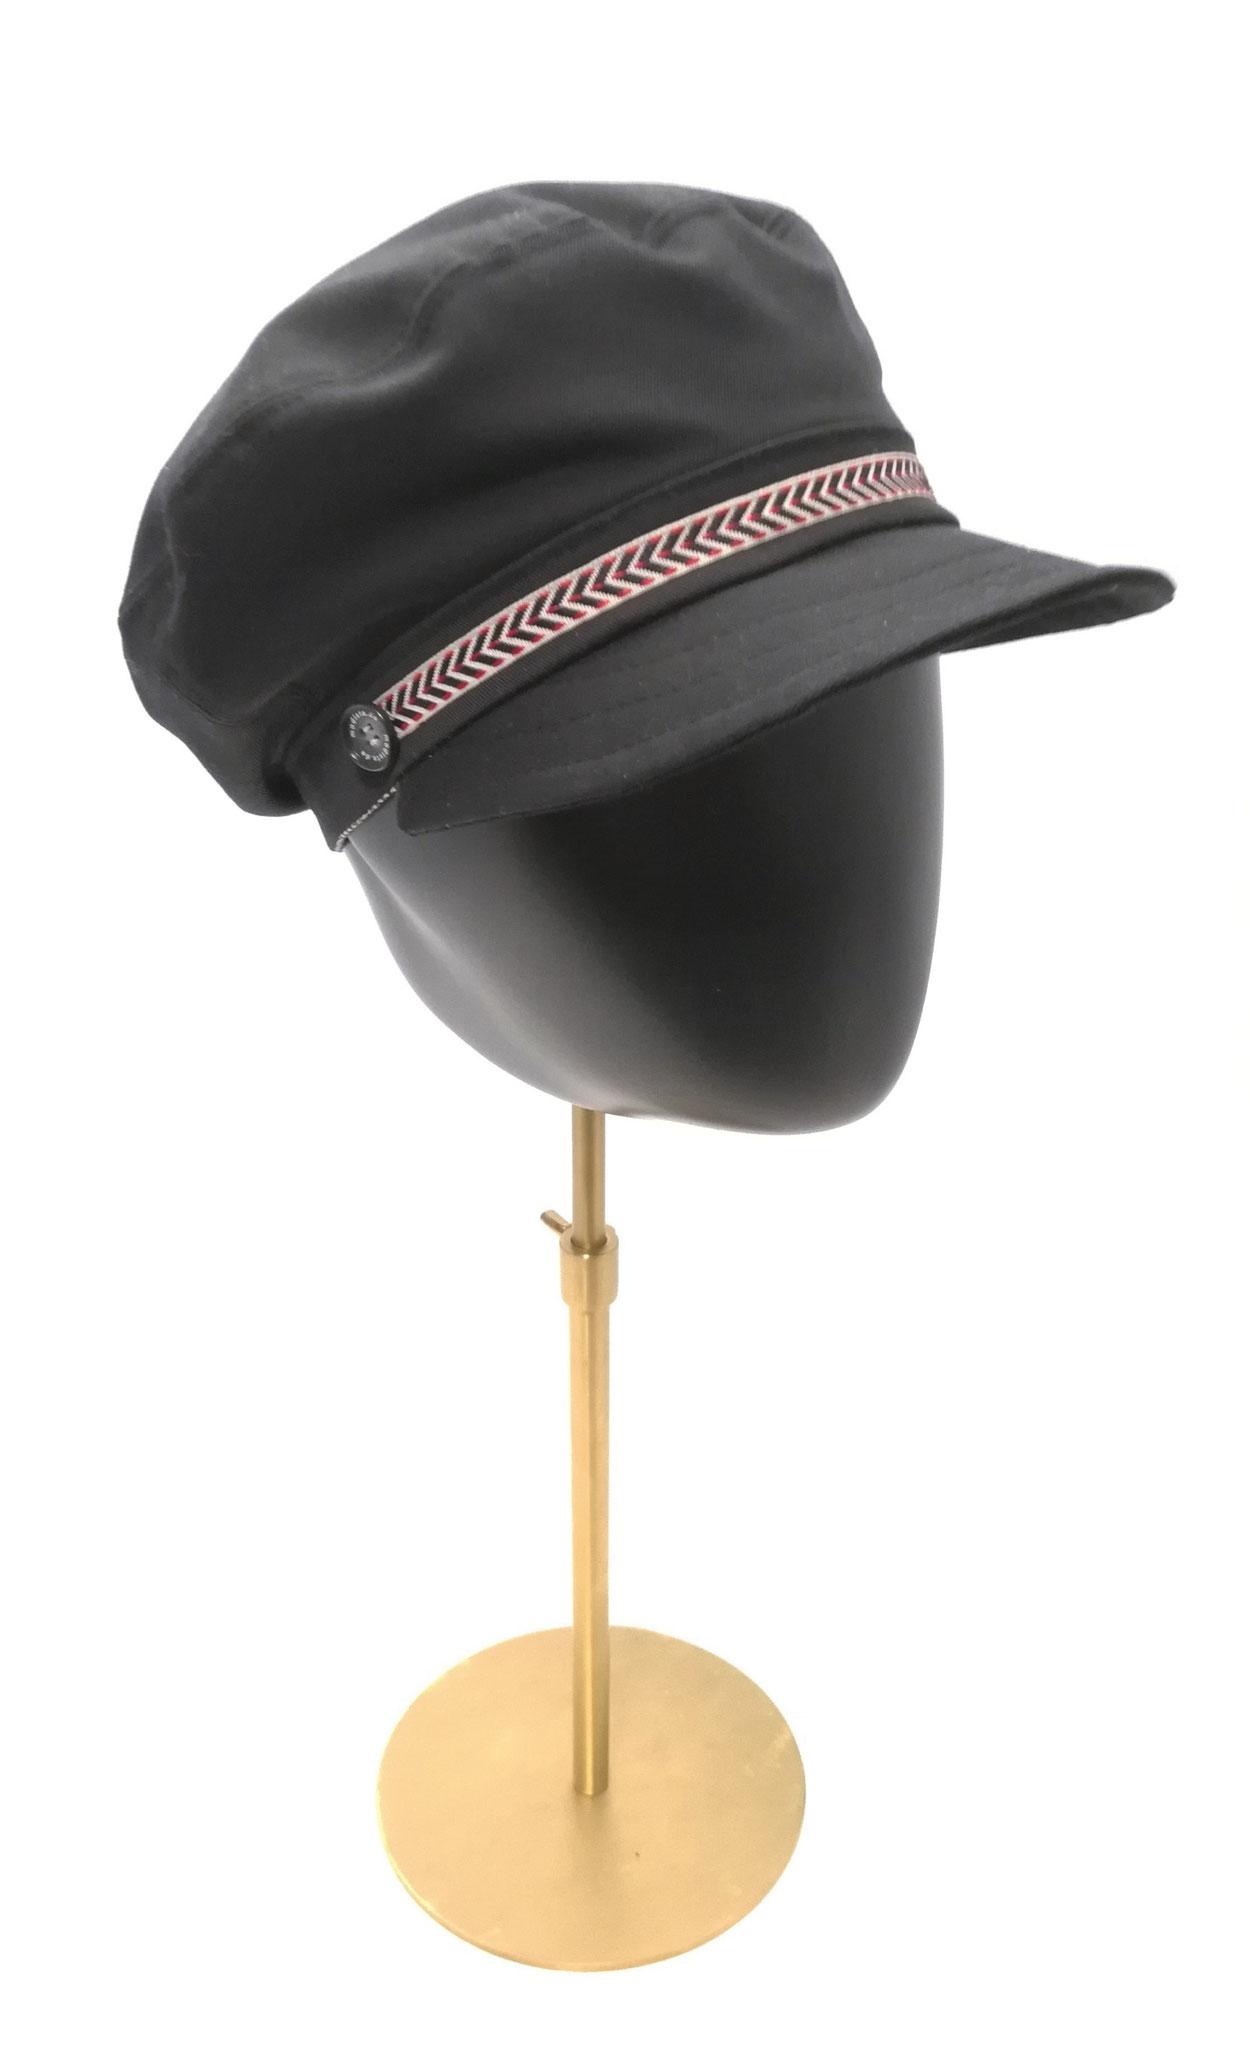 Schirm Cap,  UV Stoff, schwarz, Manufakturarbeit, bestellbar Preis 64,90 €